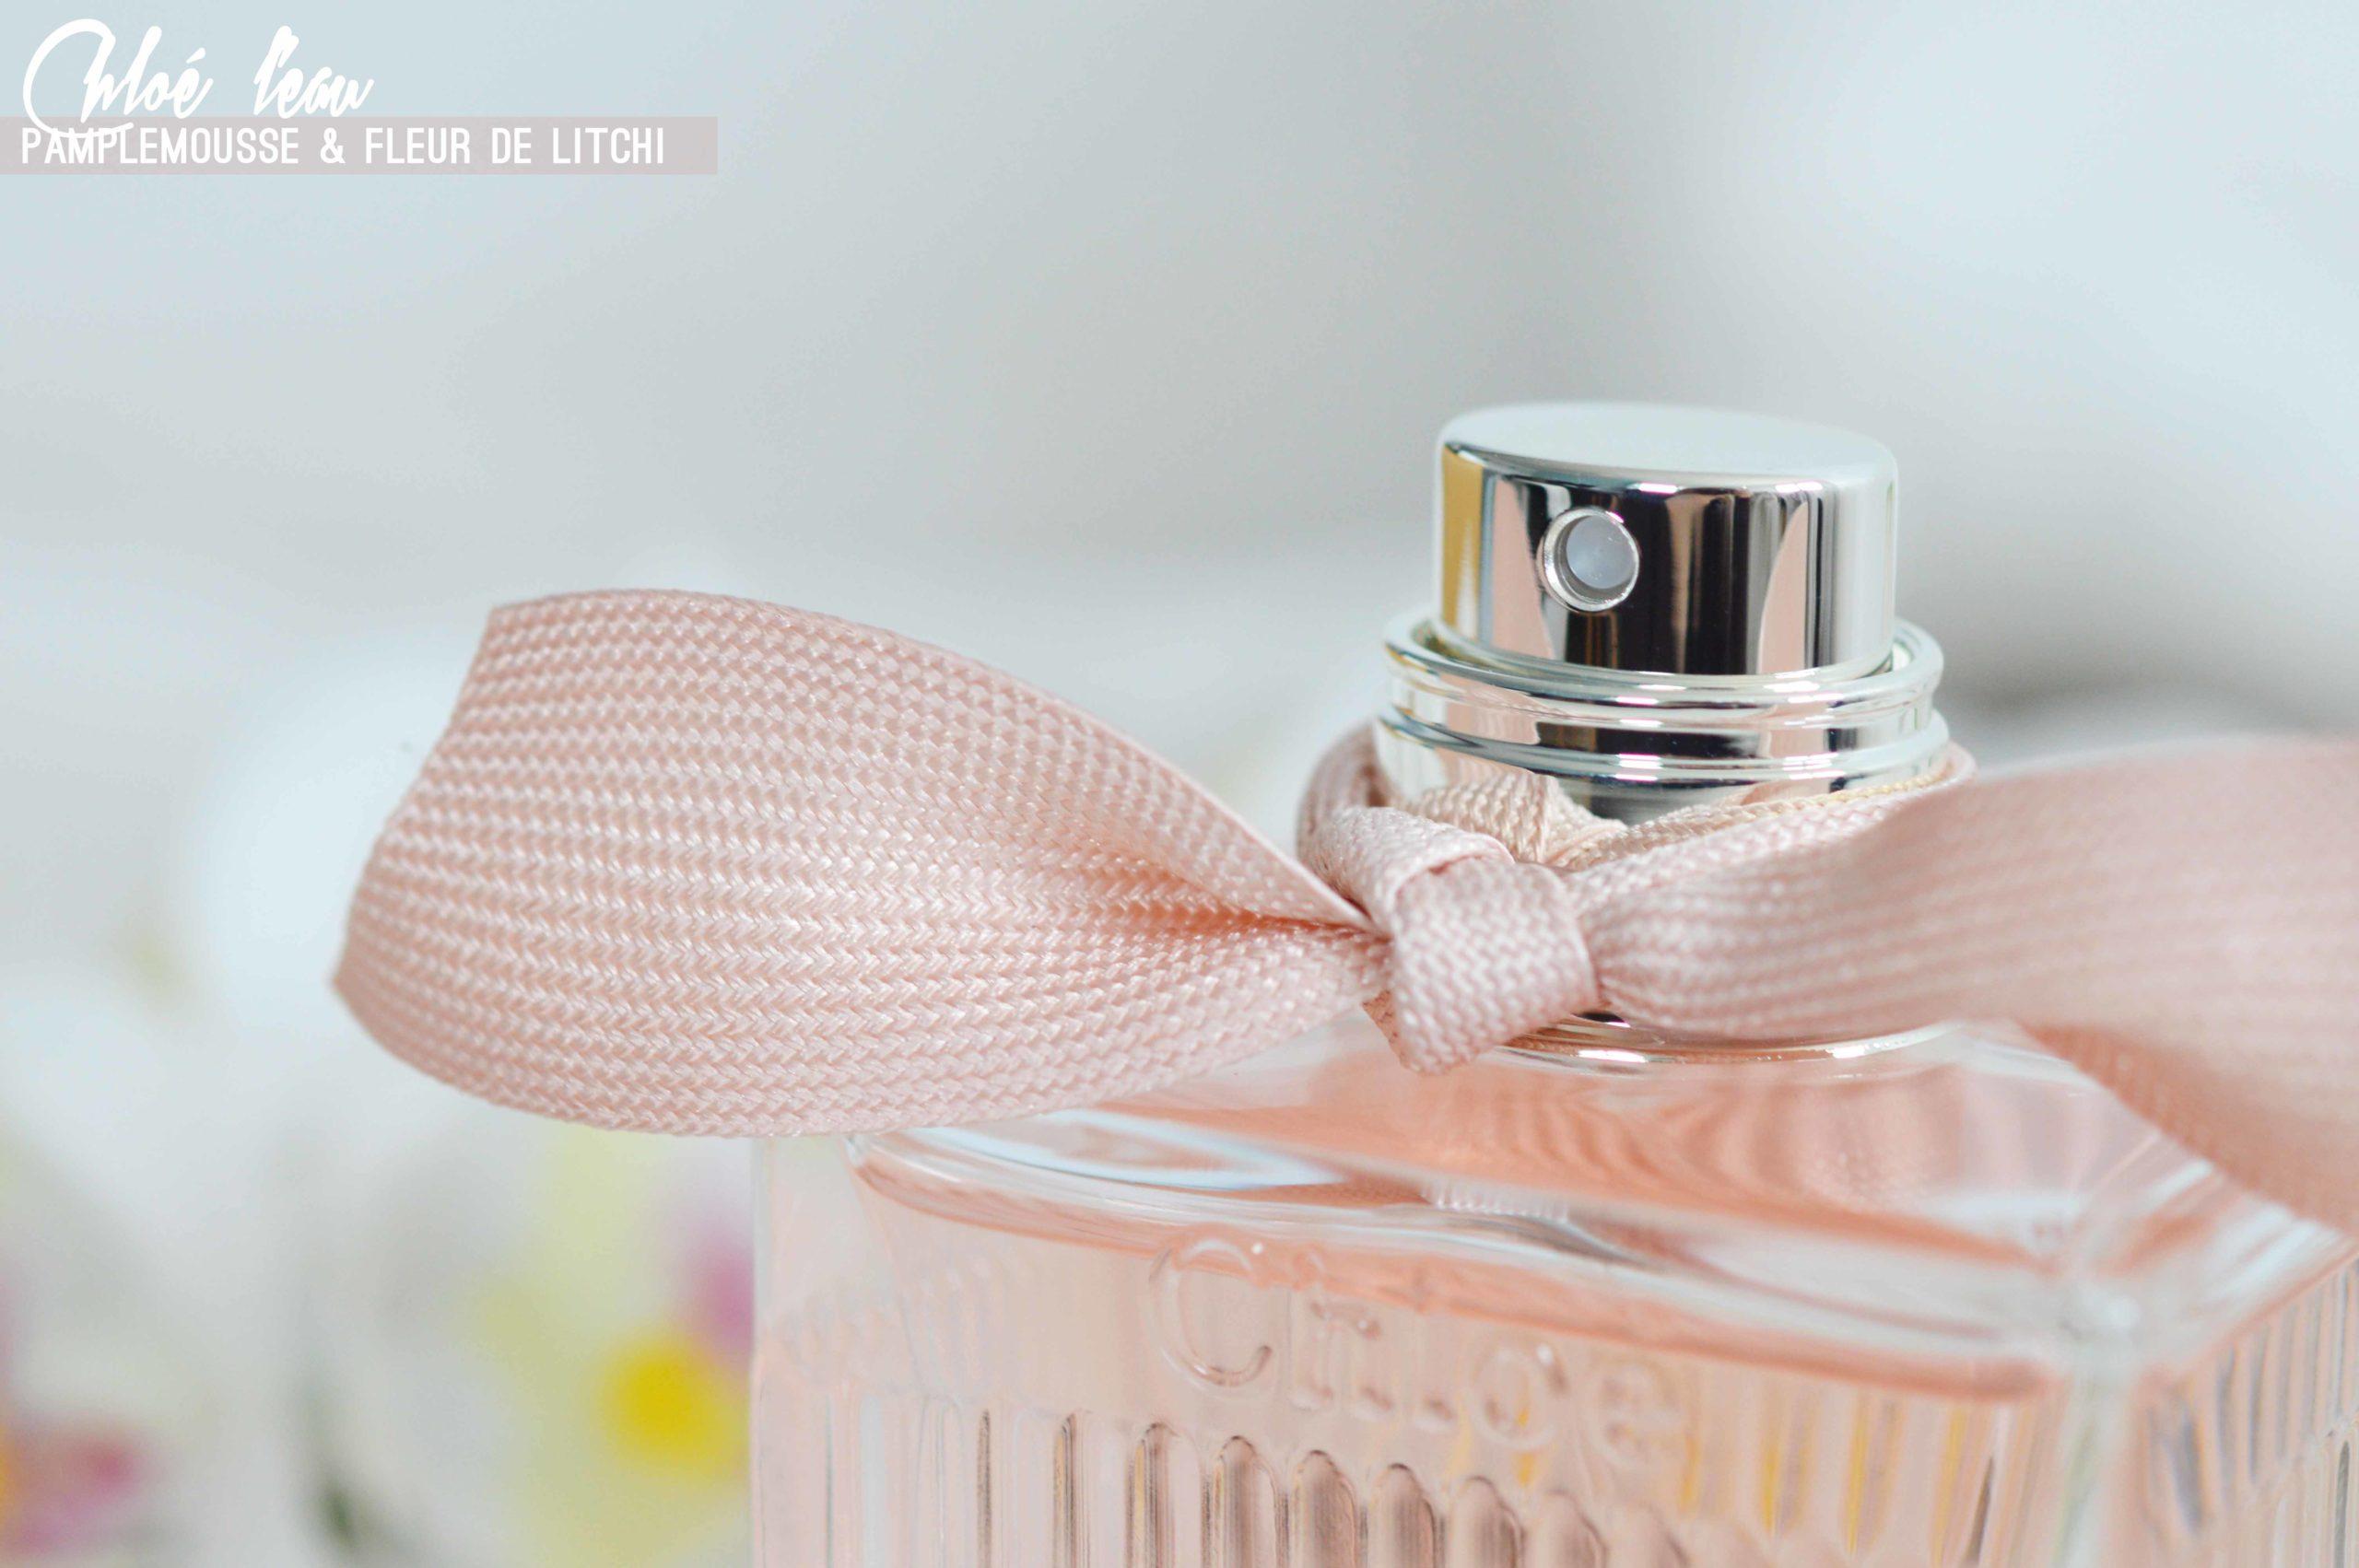 L'eau de chloé des notes de pamplemousse et de fleur de litchi puis de rose de damas et de magnolia